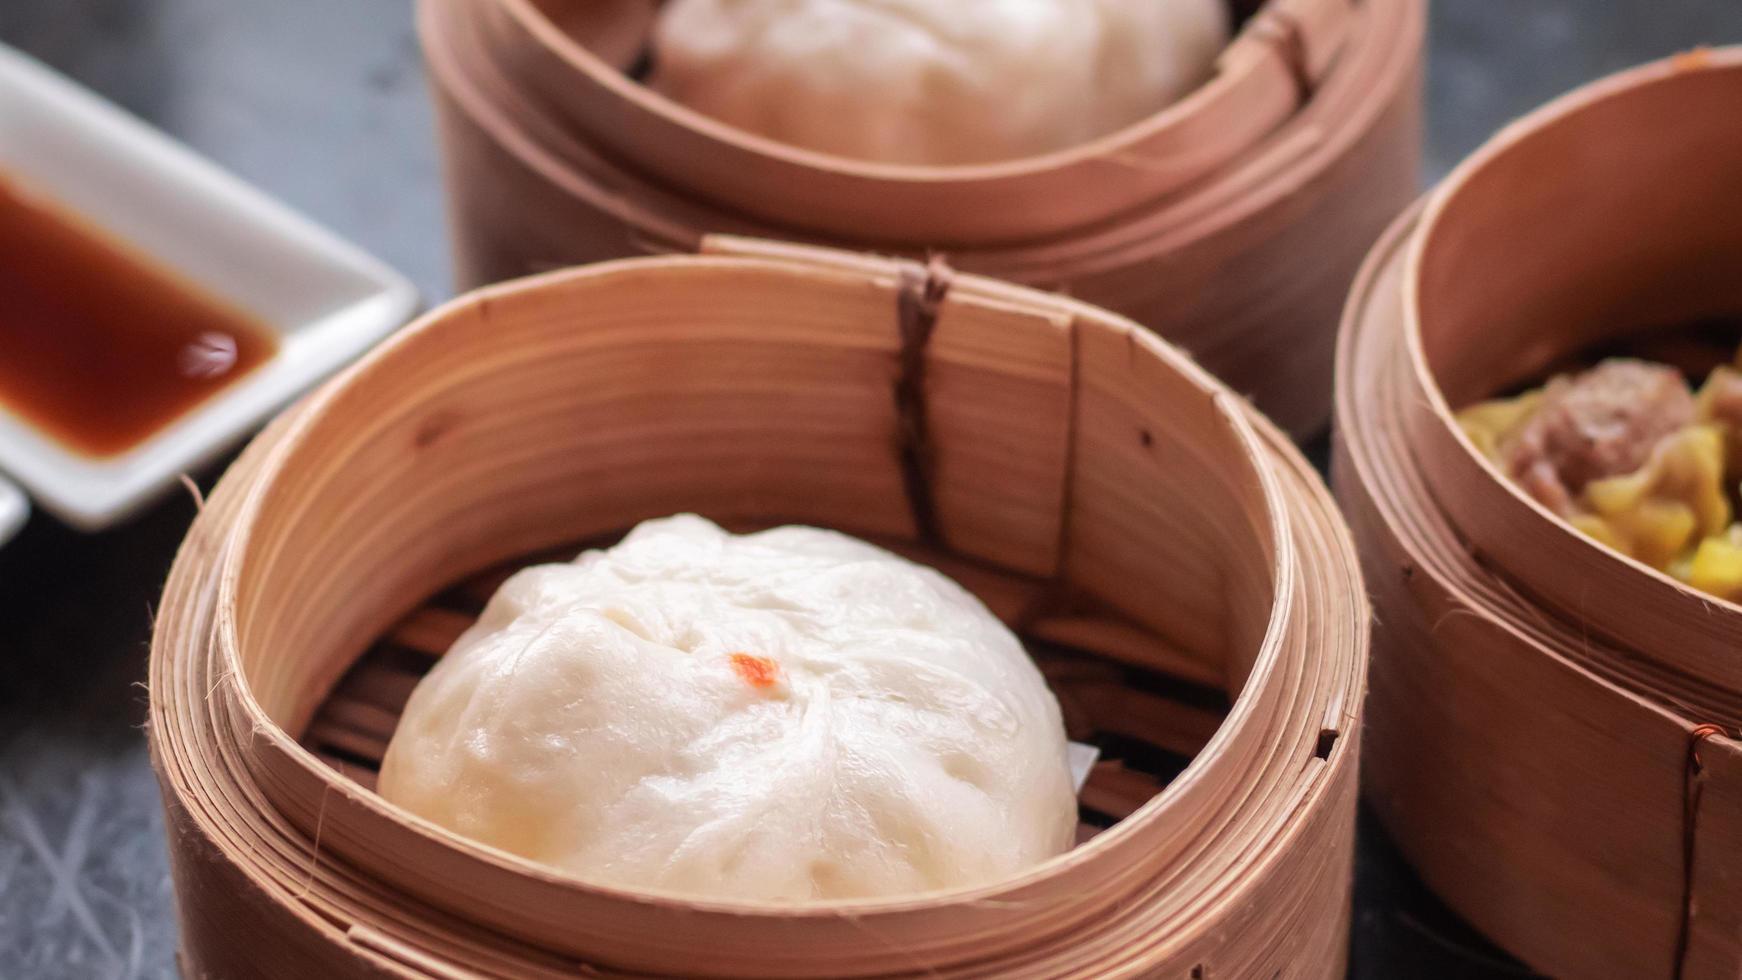 petits pains de porc au barbecue chinois photo